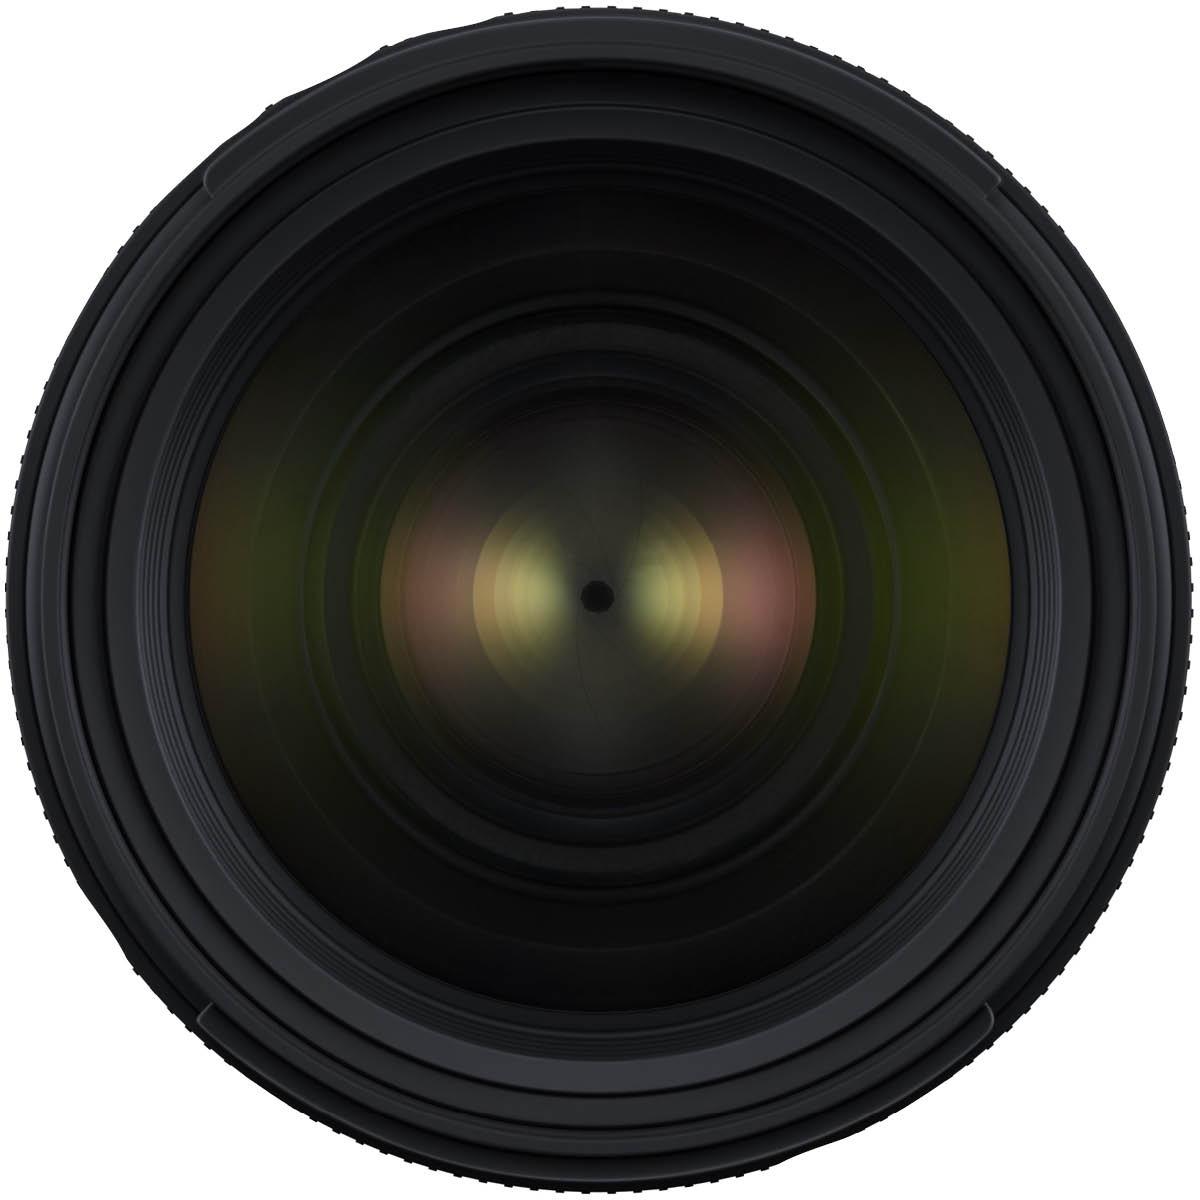 Tamron 35 mm 1:1,4 DI USD FX